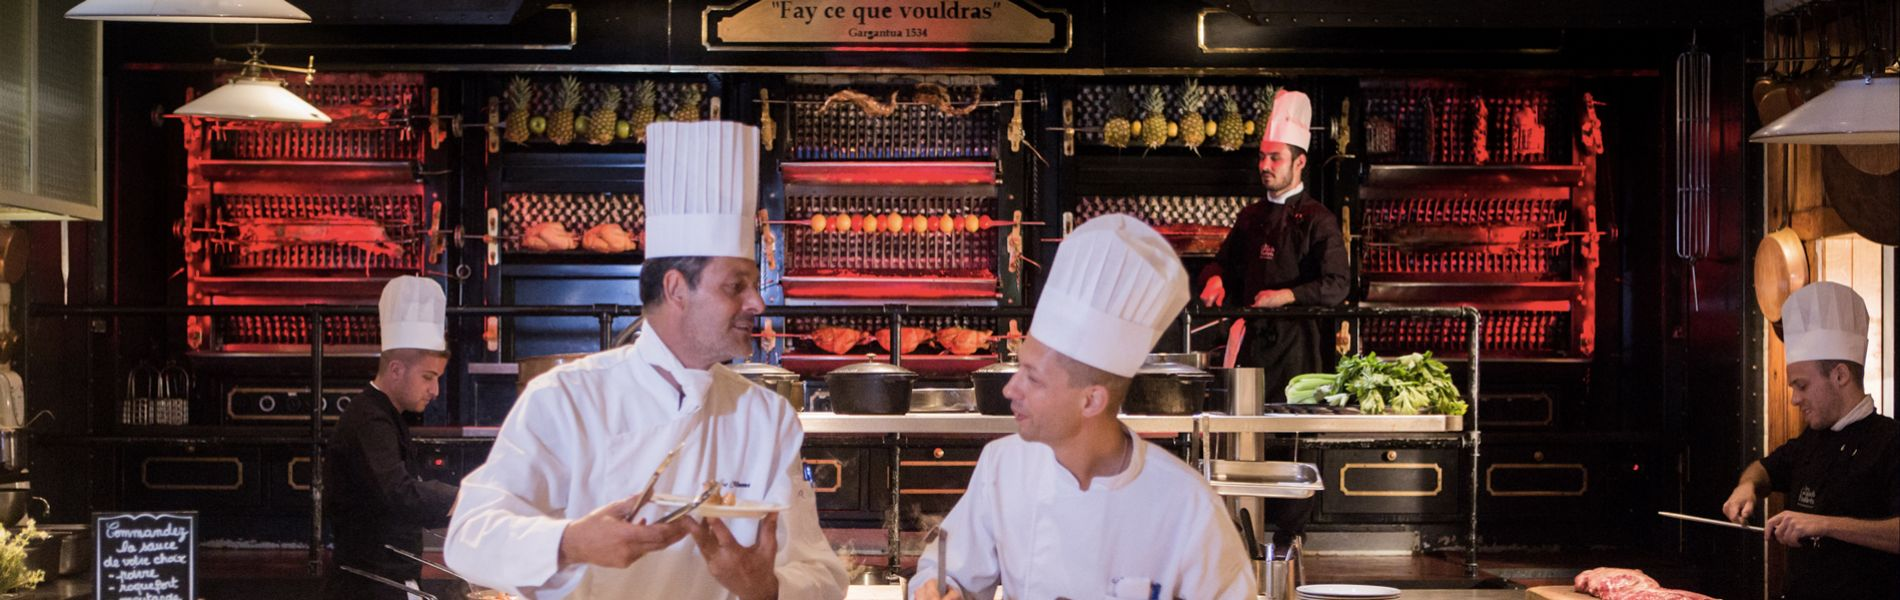 Repas de chef aux Grands buffets Narbonne